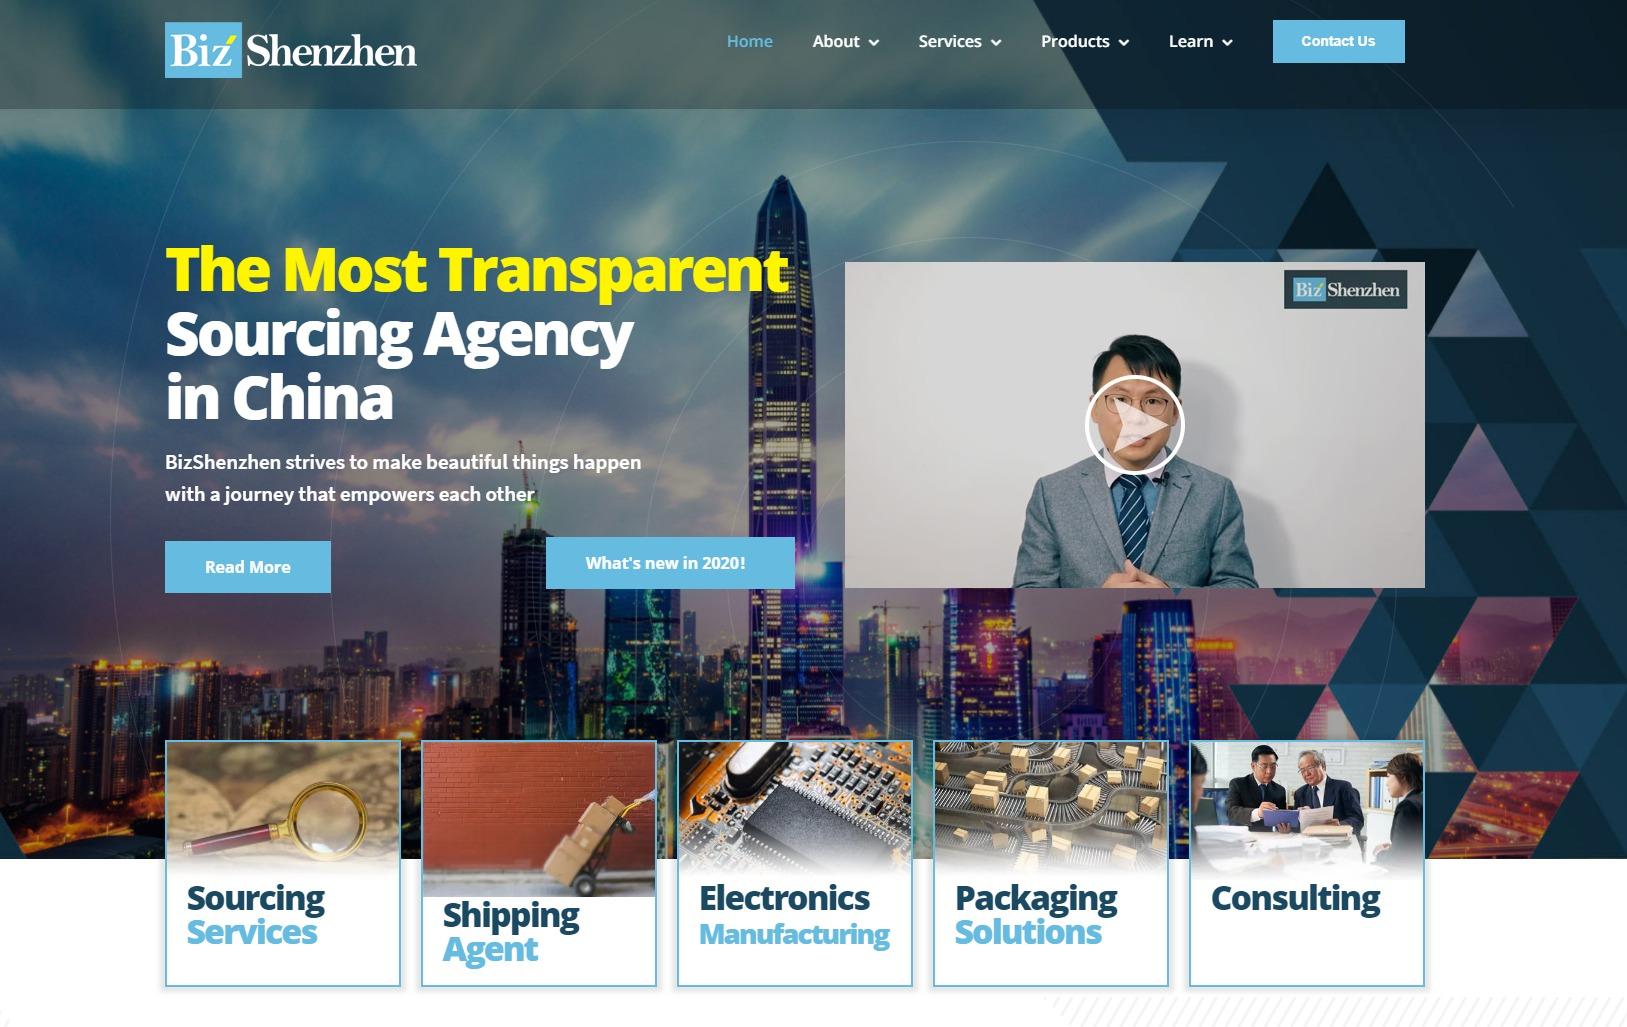 Bizshenzhen-sourcing-shenzhen-agent